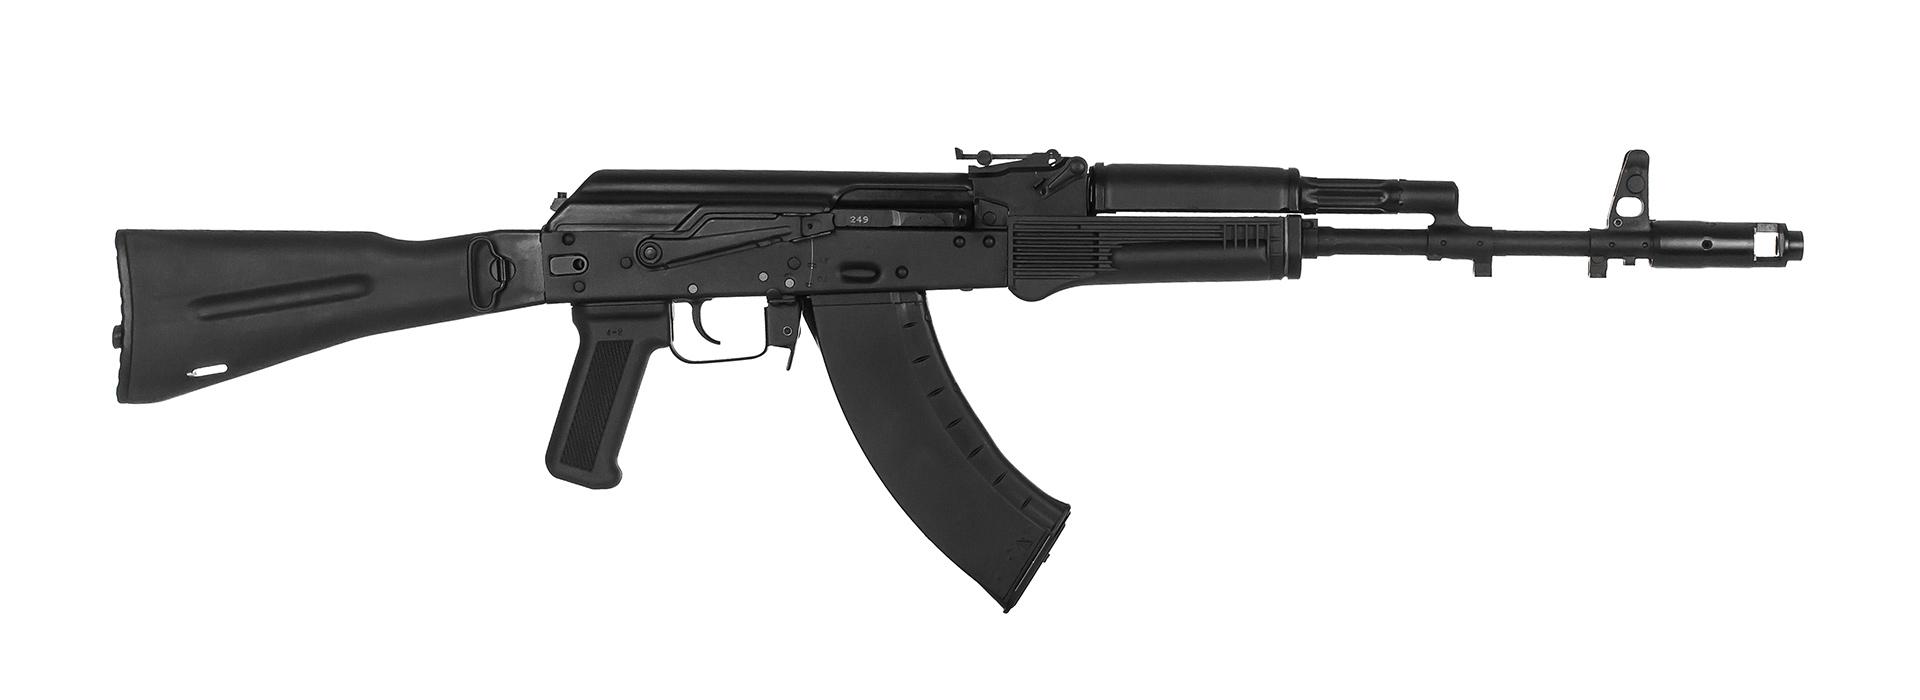 Índia  próxima de assinar contrato de produção de fuzis de assalto russos AK-103